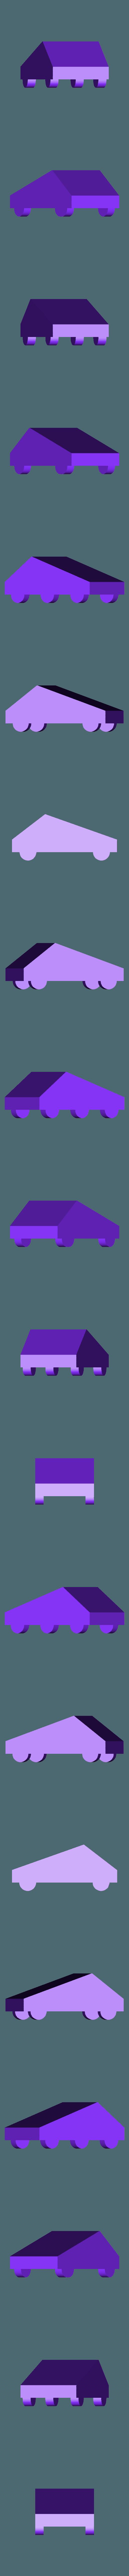 tesla_cybertruck.STL Download free STL file Tesla cybertruck low poly • 3D printing object, ffff9